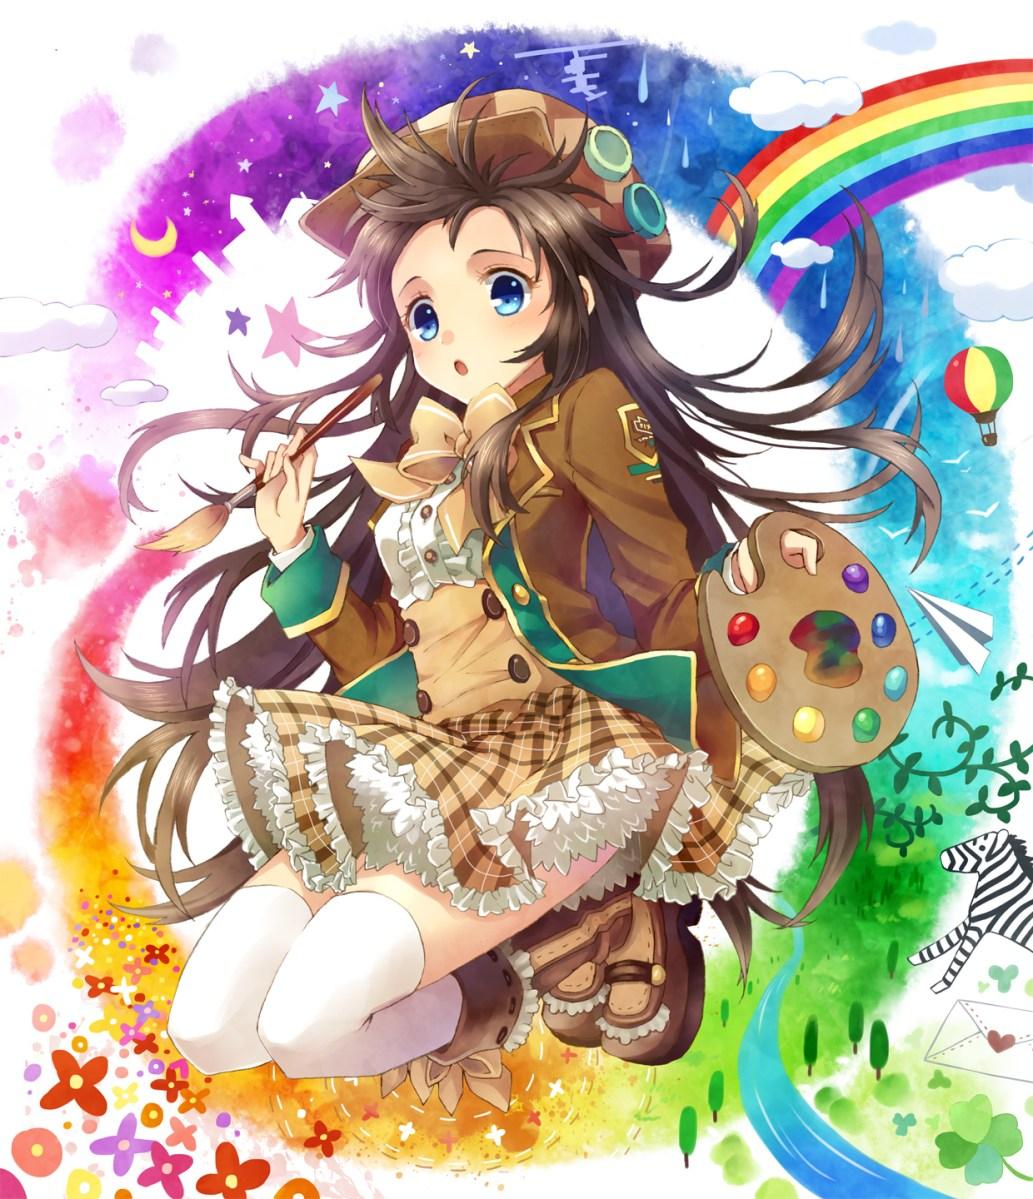 Anime Girl Painting Art